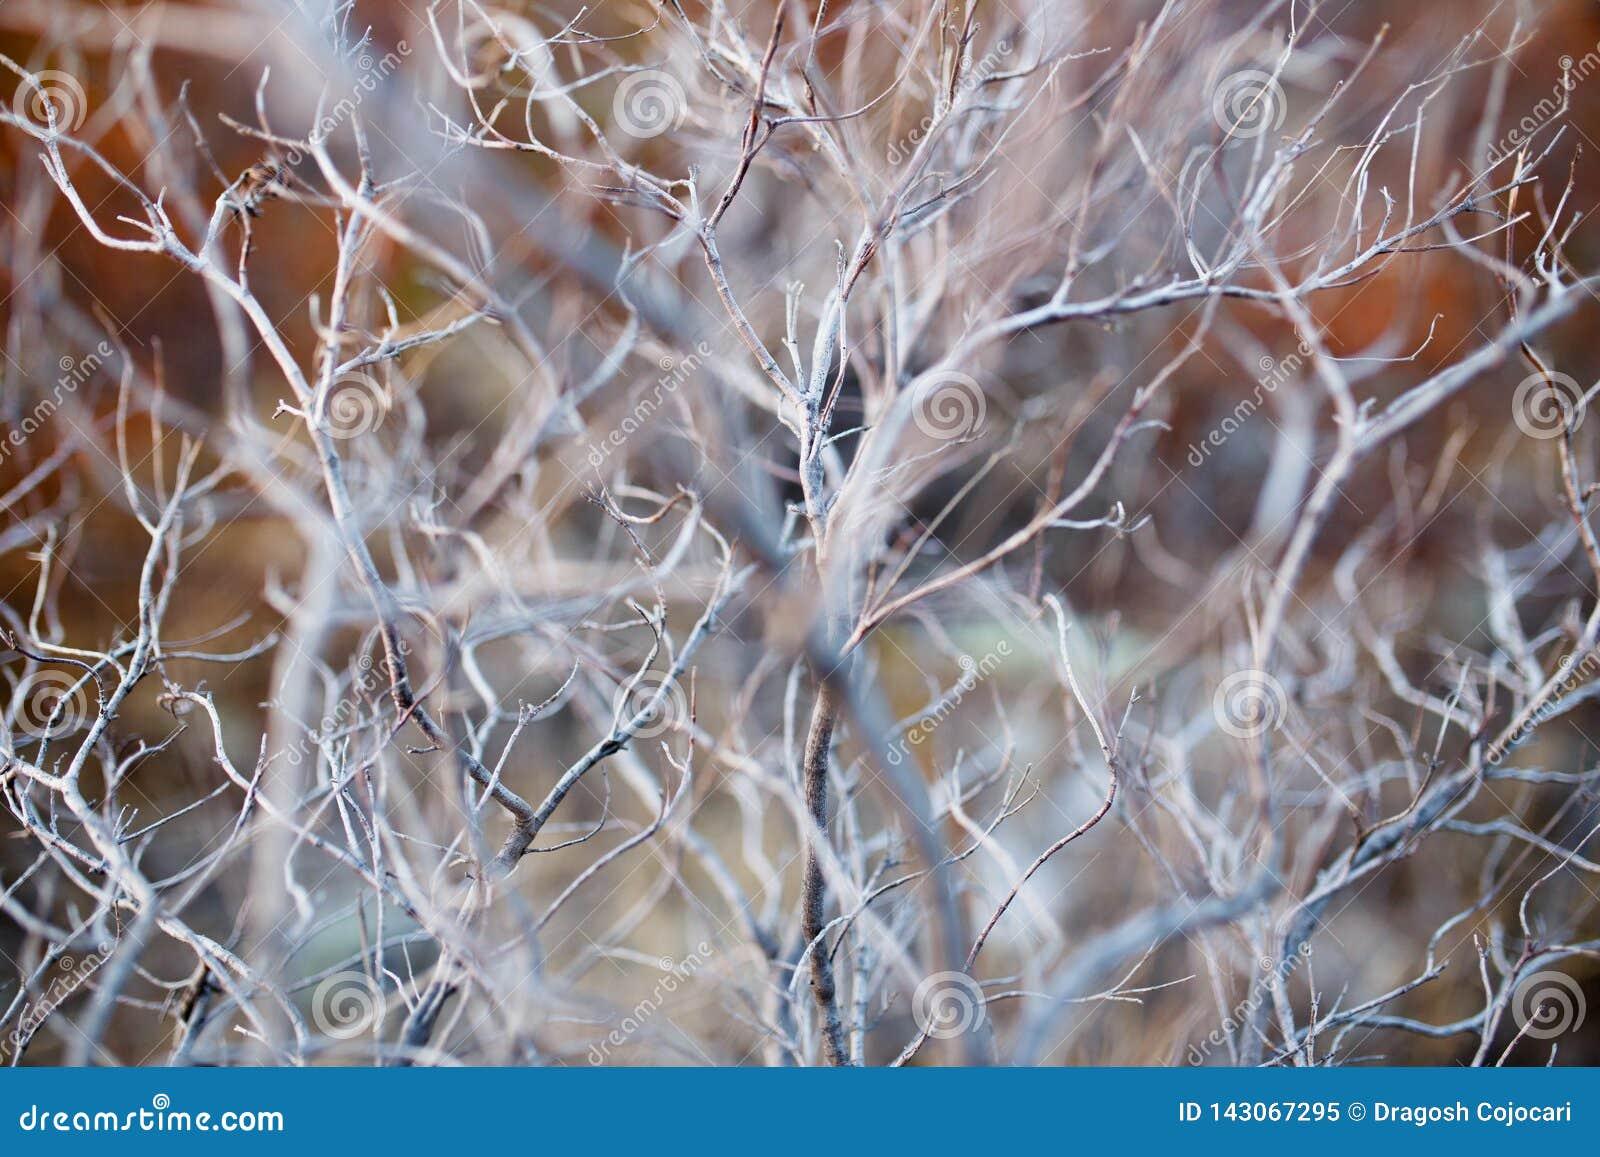 Stäng sig upp av det torra filialträdet, makrotextur av en grå torr buske